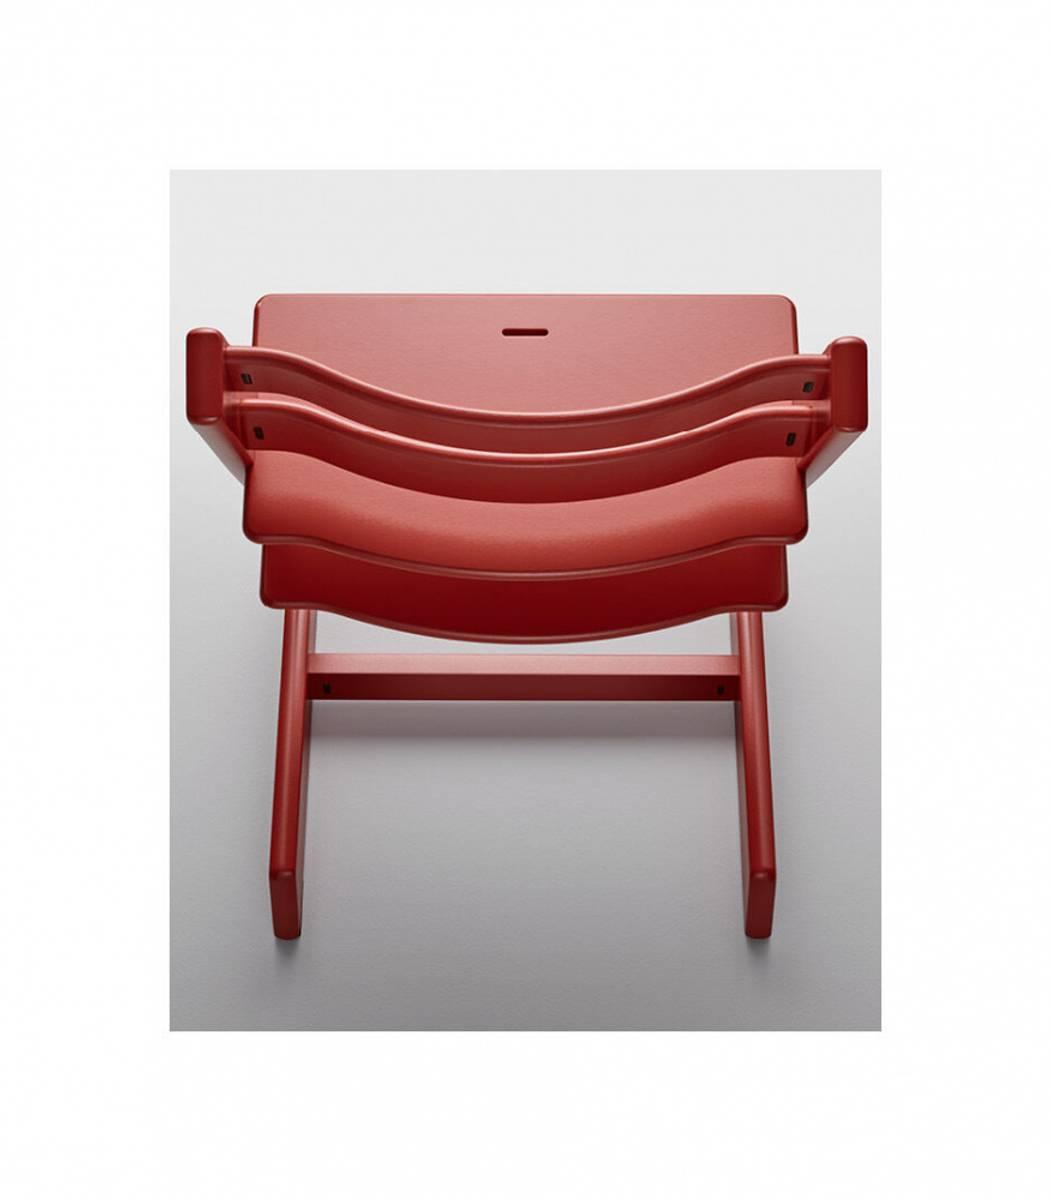 Stokke TRIPP TRAPP Stol | Warm Red